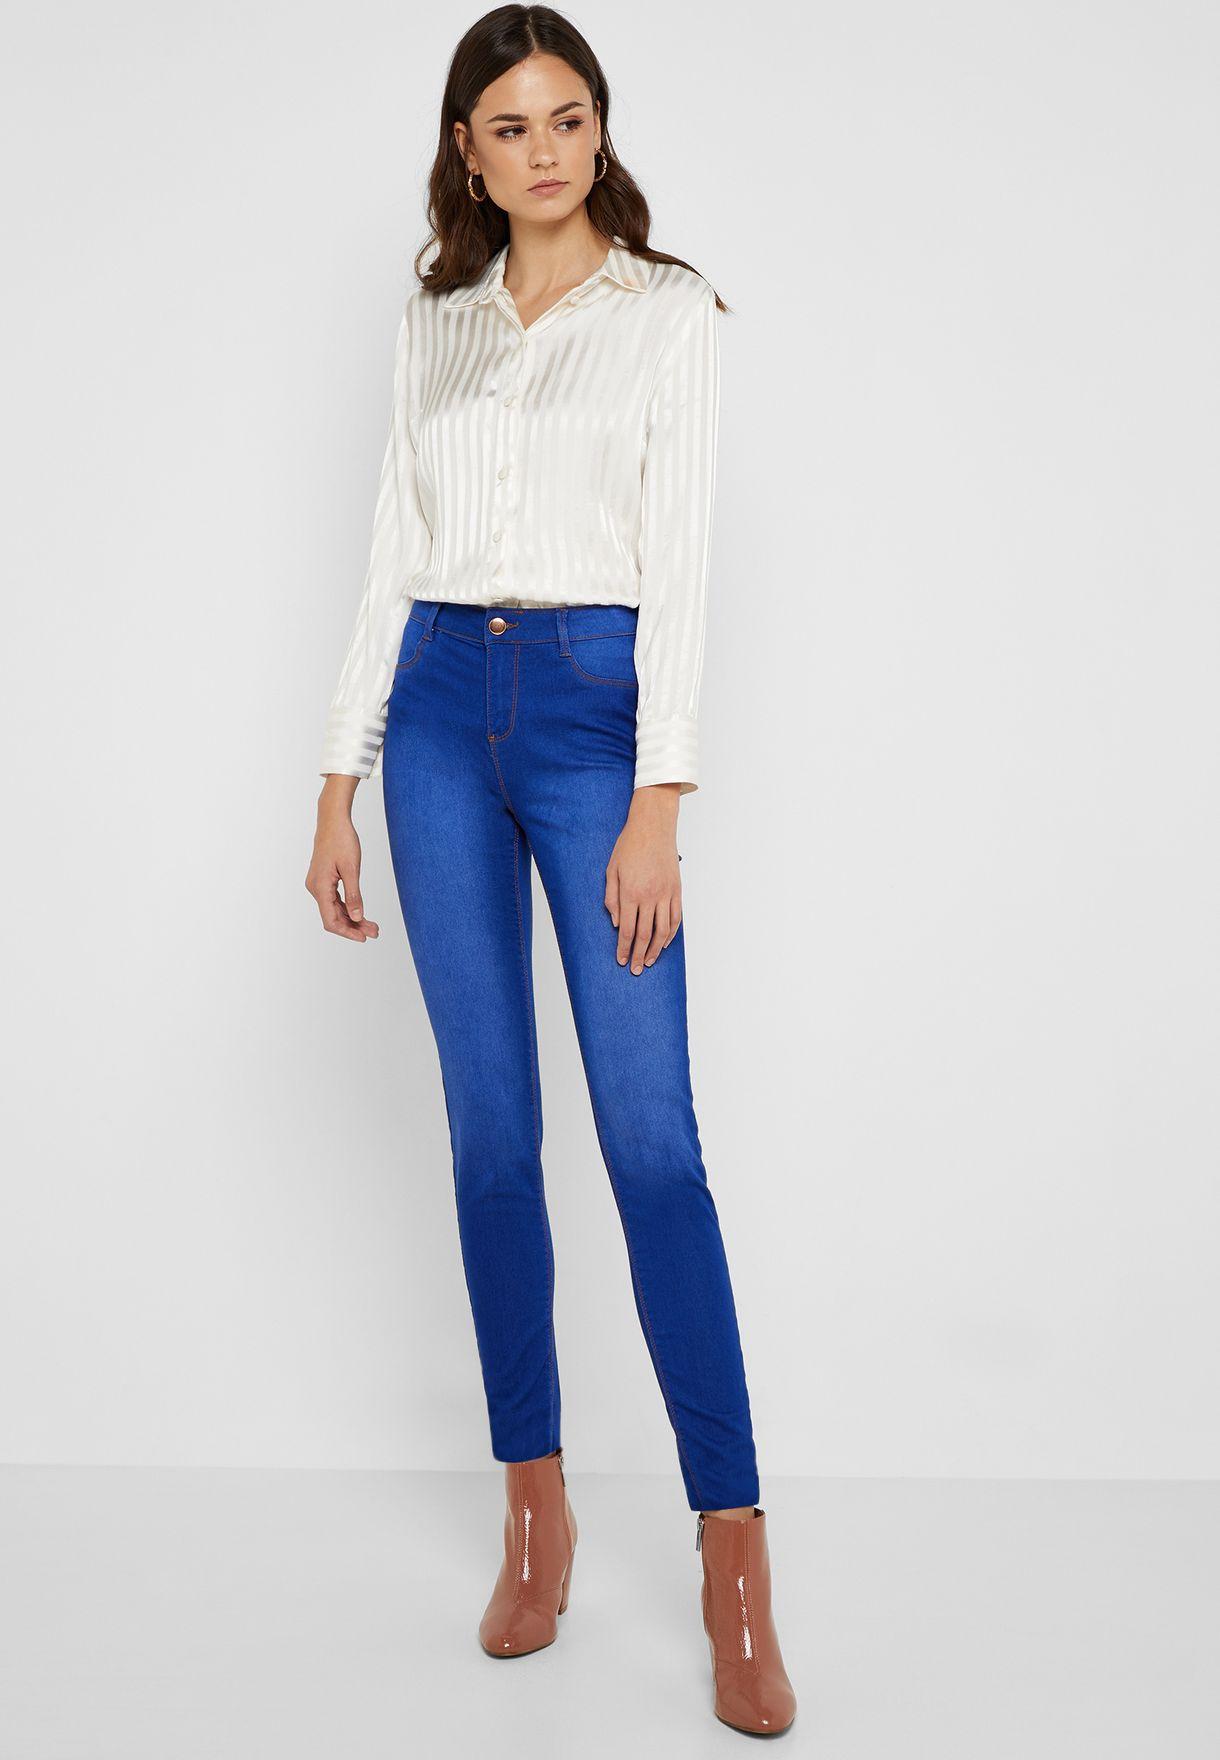 80be17d62 تسوق جينز سكيني كاجوال ماركة دوروثي بيركنز تول لون أزرق 9040121 في ...